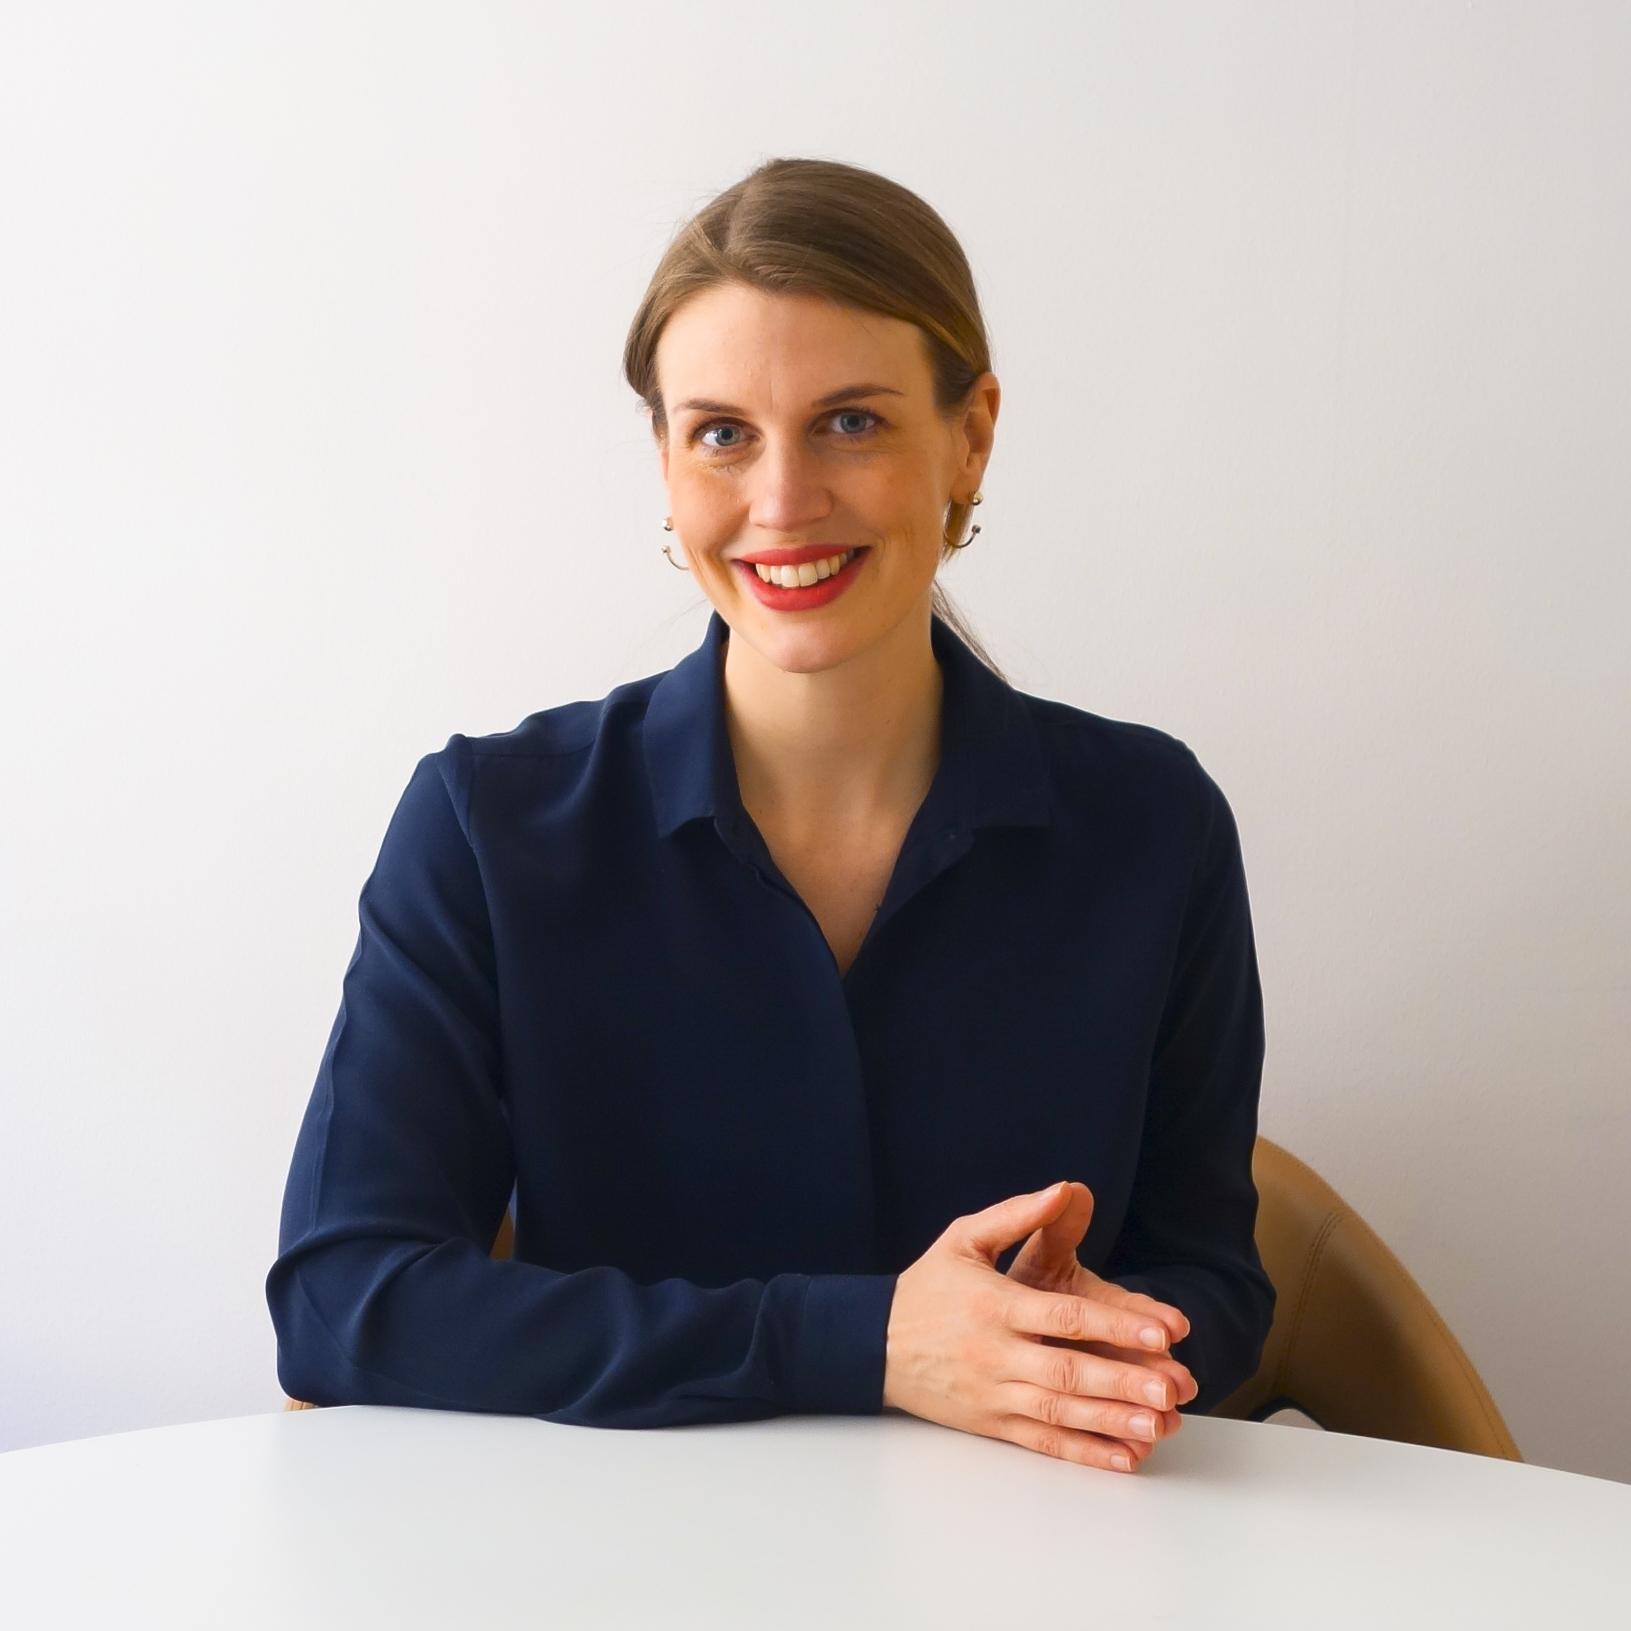 Helena Krahner   Arkitekt SAR/MSA  helena.krahner@elindersten.se +46(0)70-424 93 06